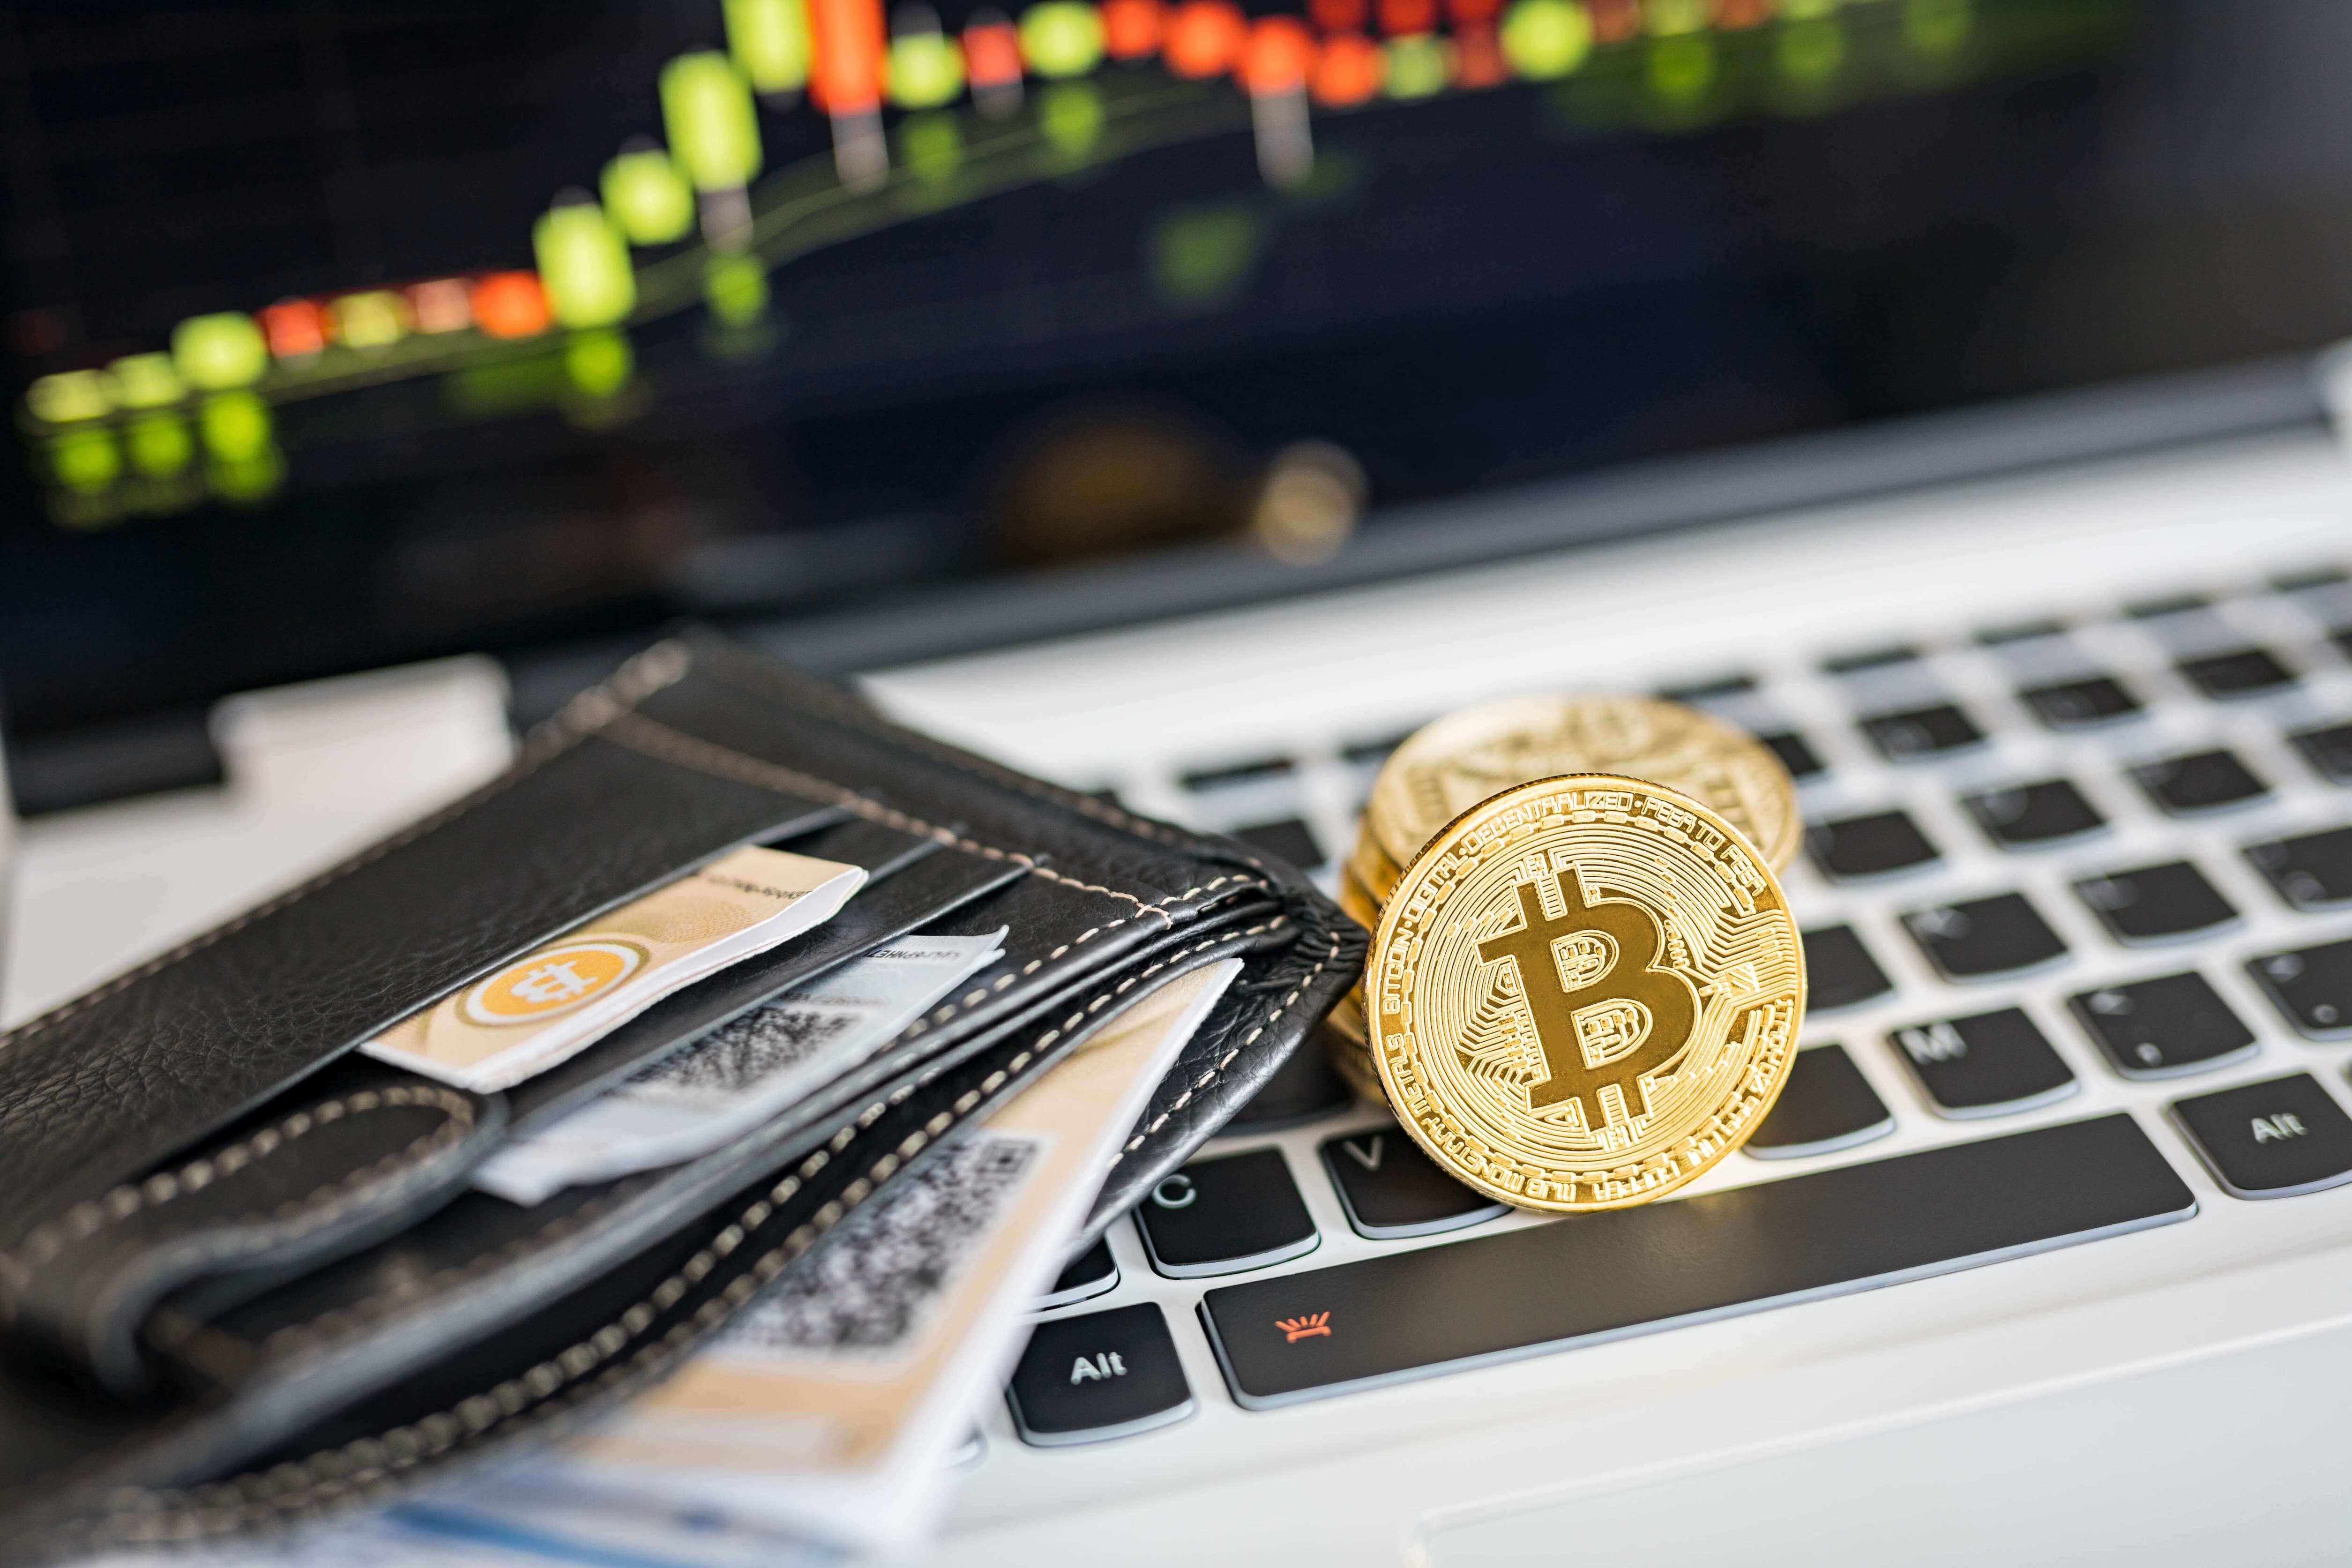 仮想通貨はギャンブルなのか?違いや投資について考えよう